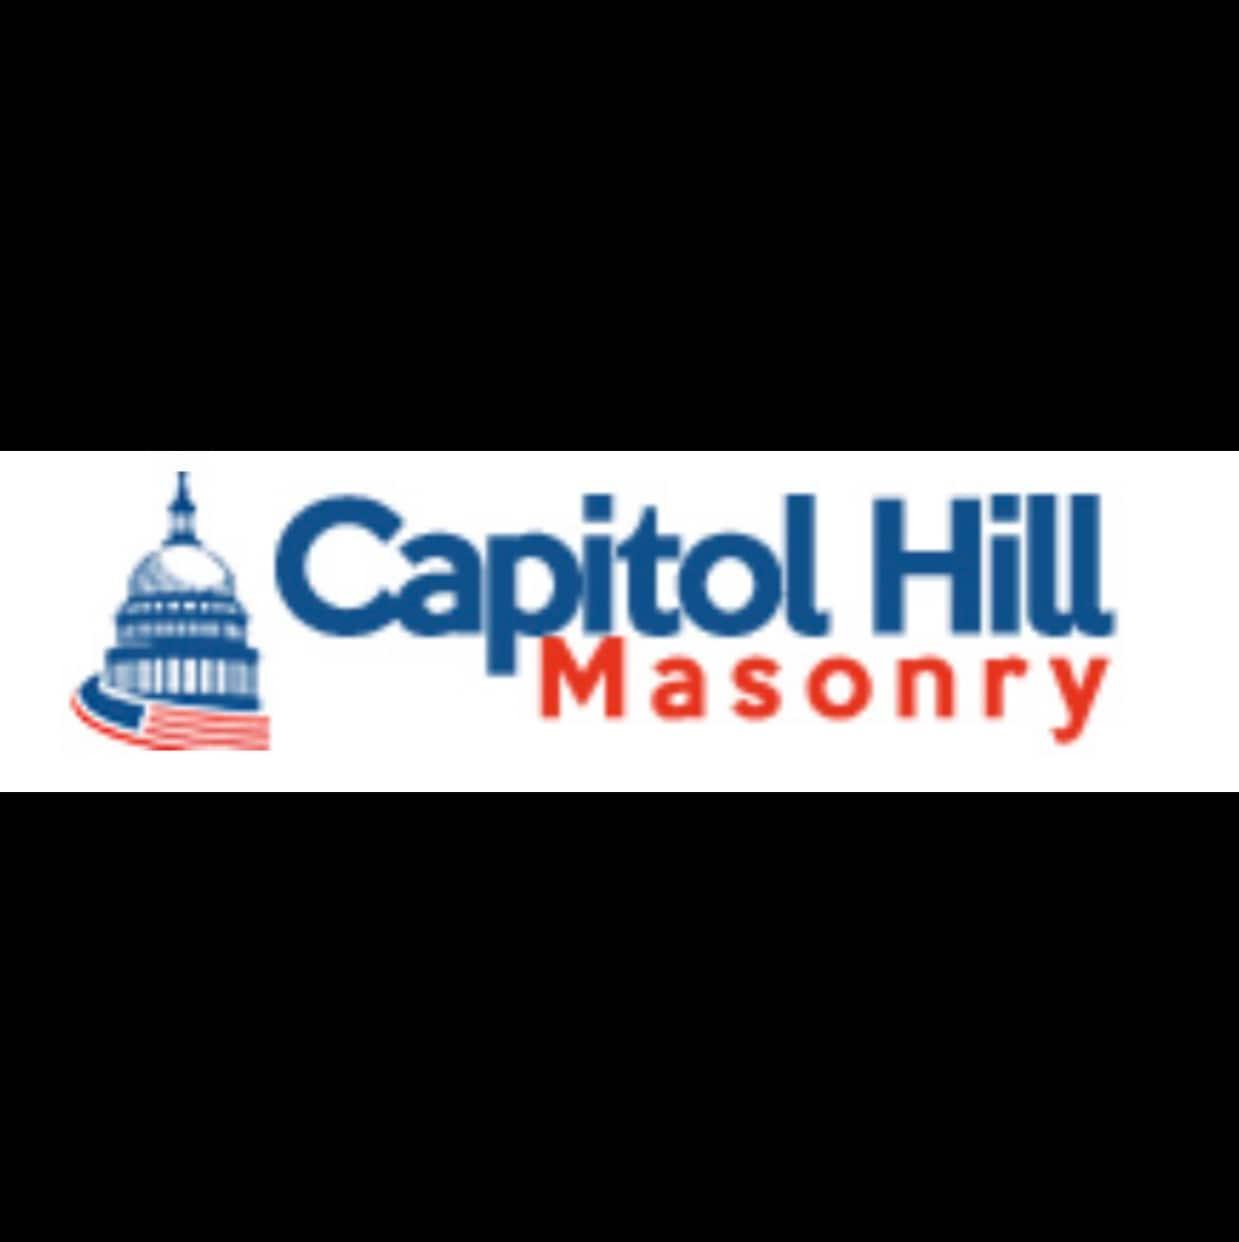 Capital Hill Masonry